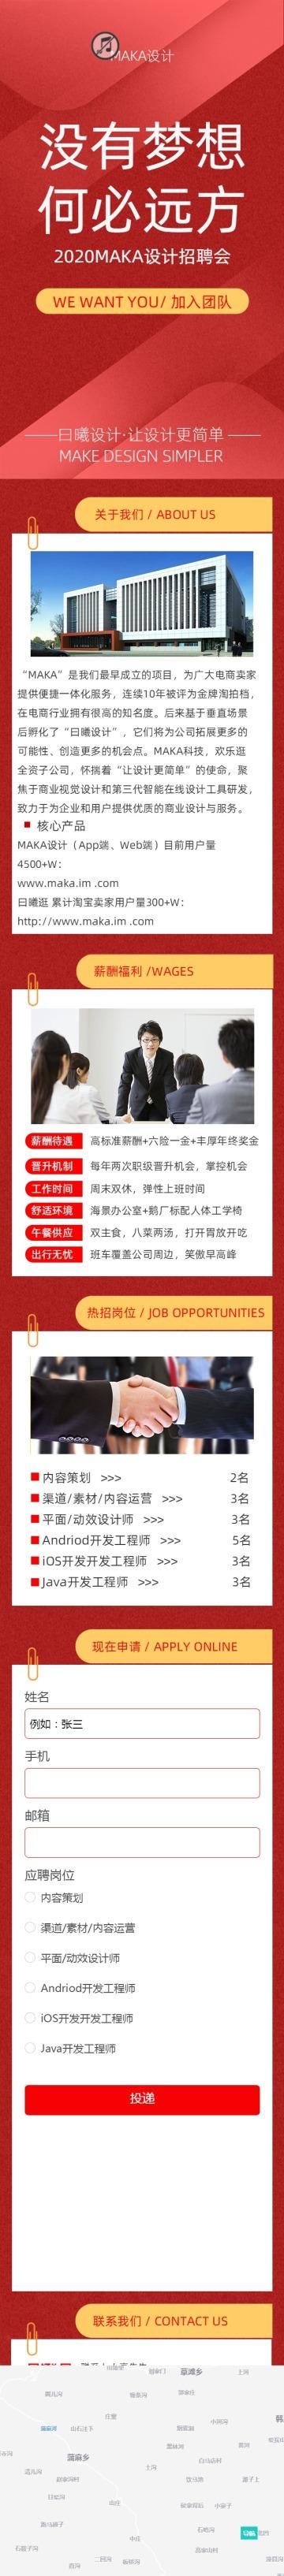 简约红色企业单位公司社会人才招聘H5